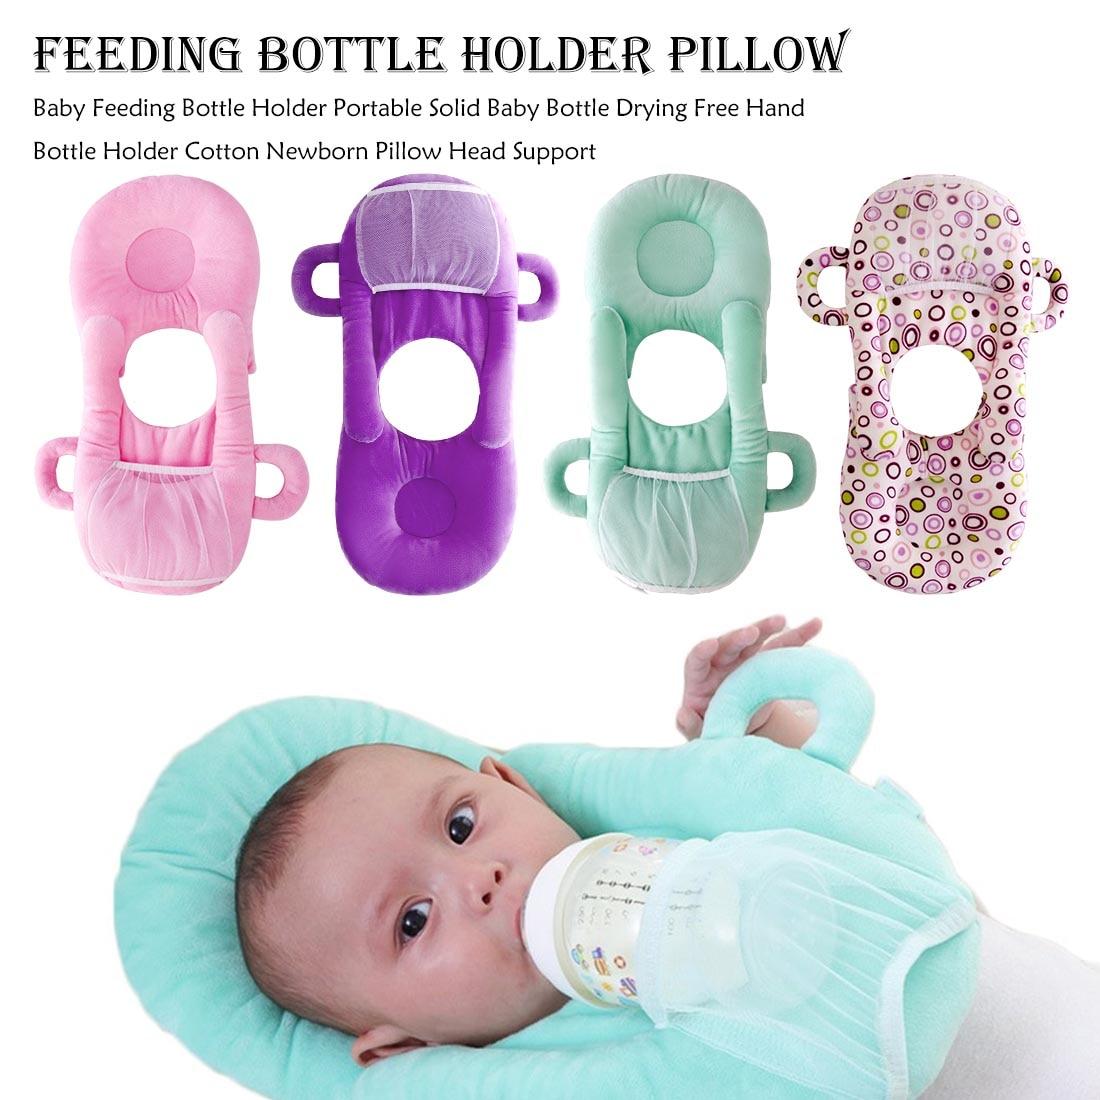 Infant Baby Bottle Rack Free Hand Bottle Holder Cotton Baby Milk Bottle Feeding Cup Learning Nursing Pillow Cushion